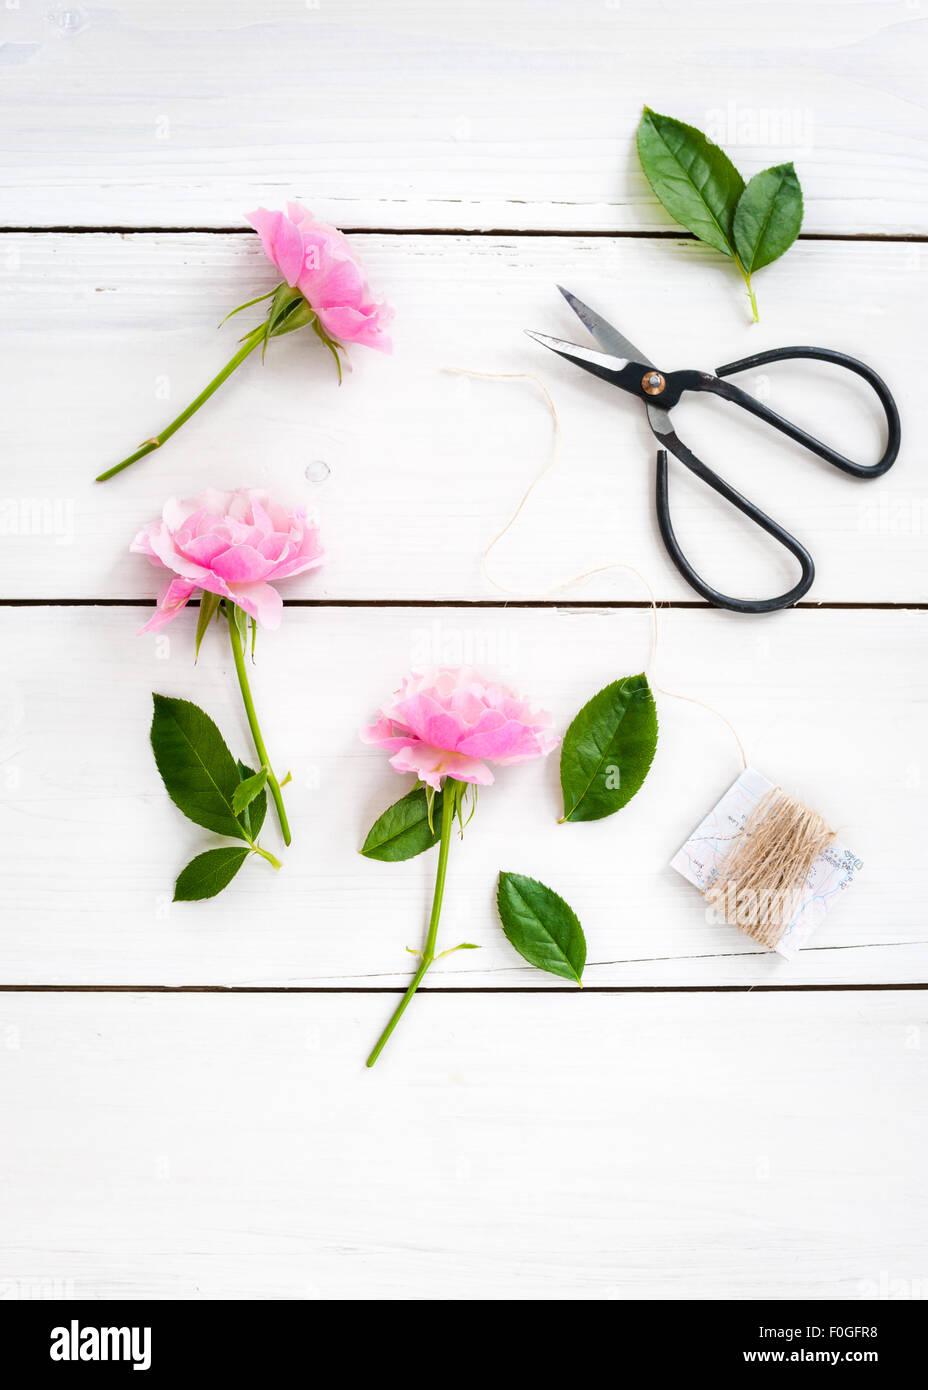 Tres rosas rosas cortadas con hilo negro y tijeras de bonsai Imagen De Stock